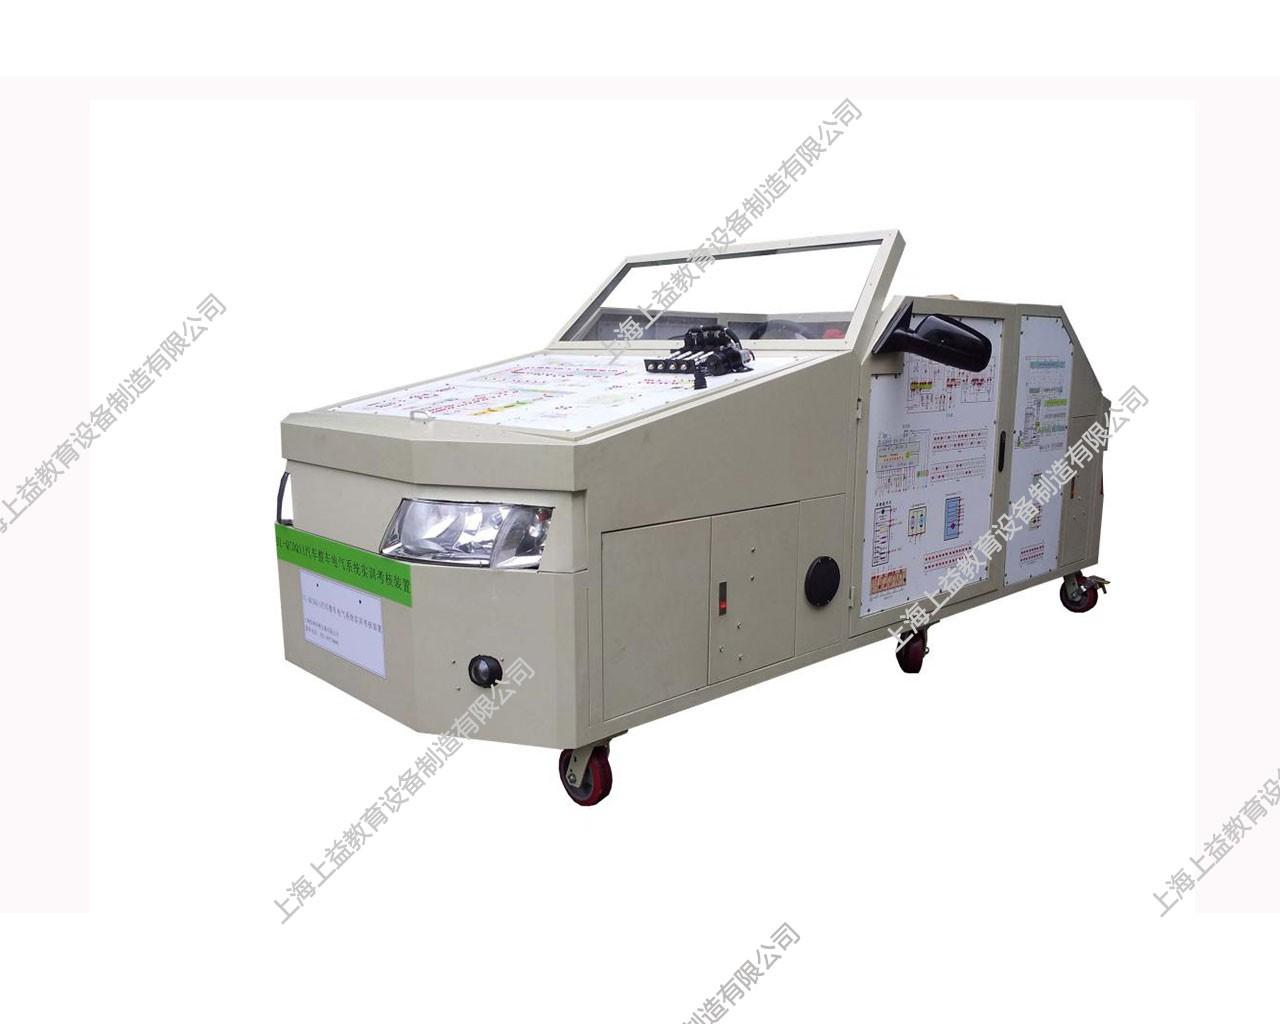 汽车电气装配与检测wwwlehu8viplehu68vip综合wwwlehu8vip台(仿真车)